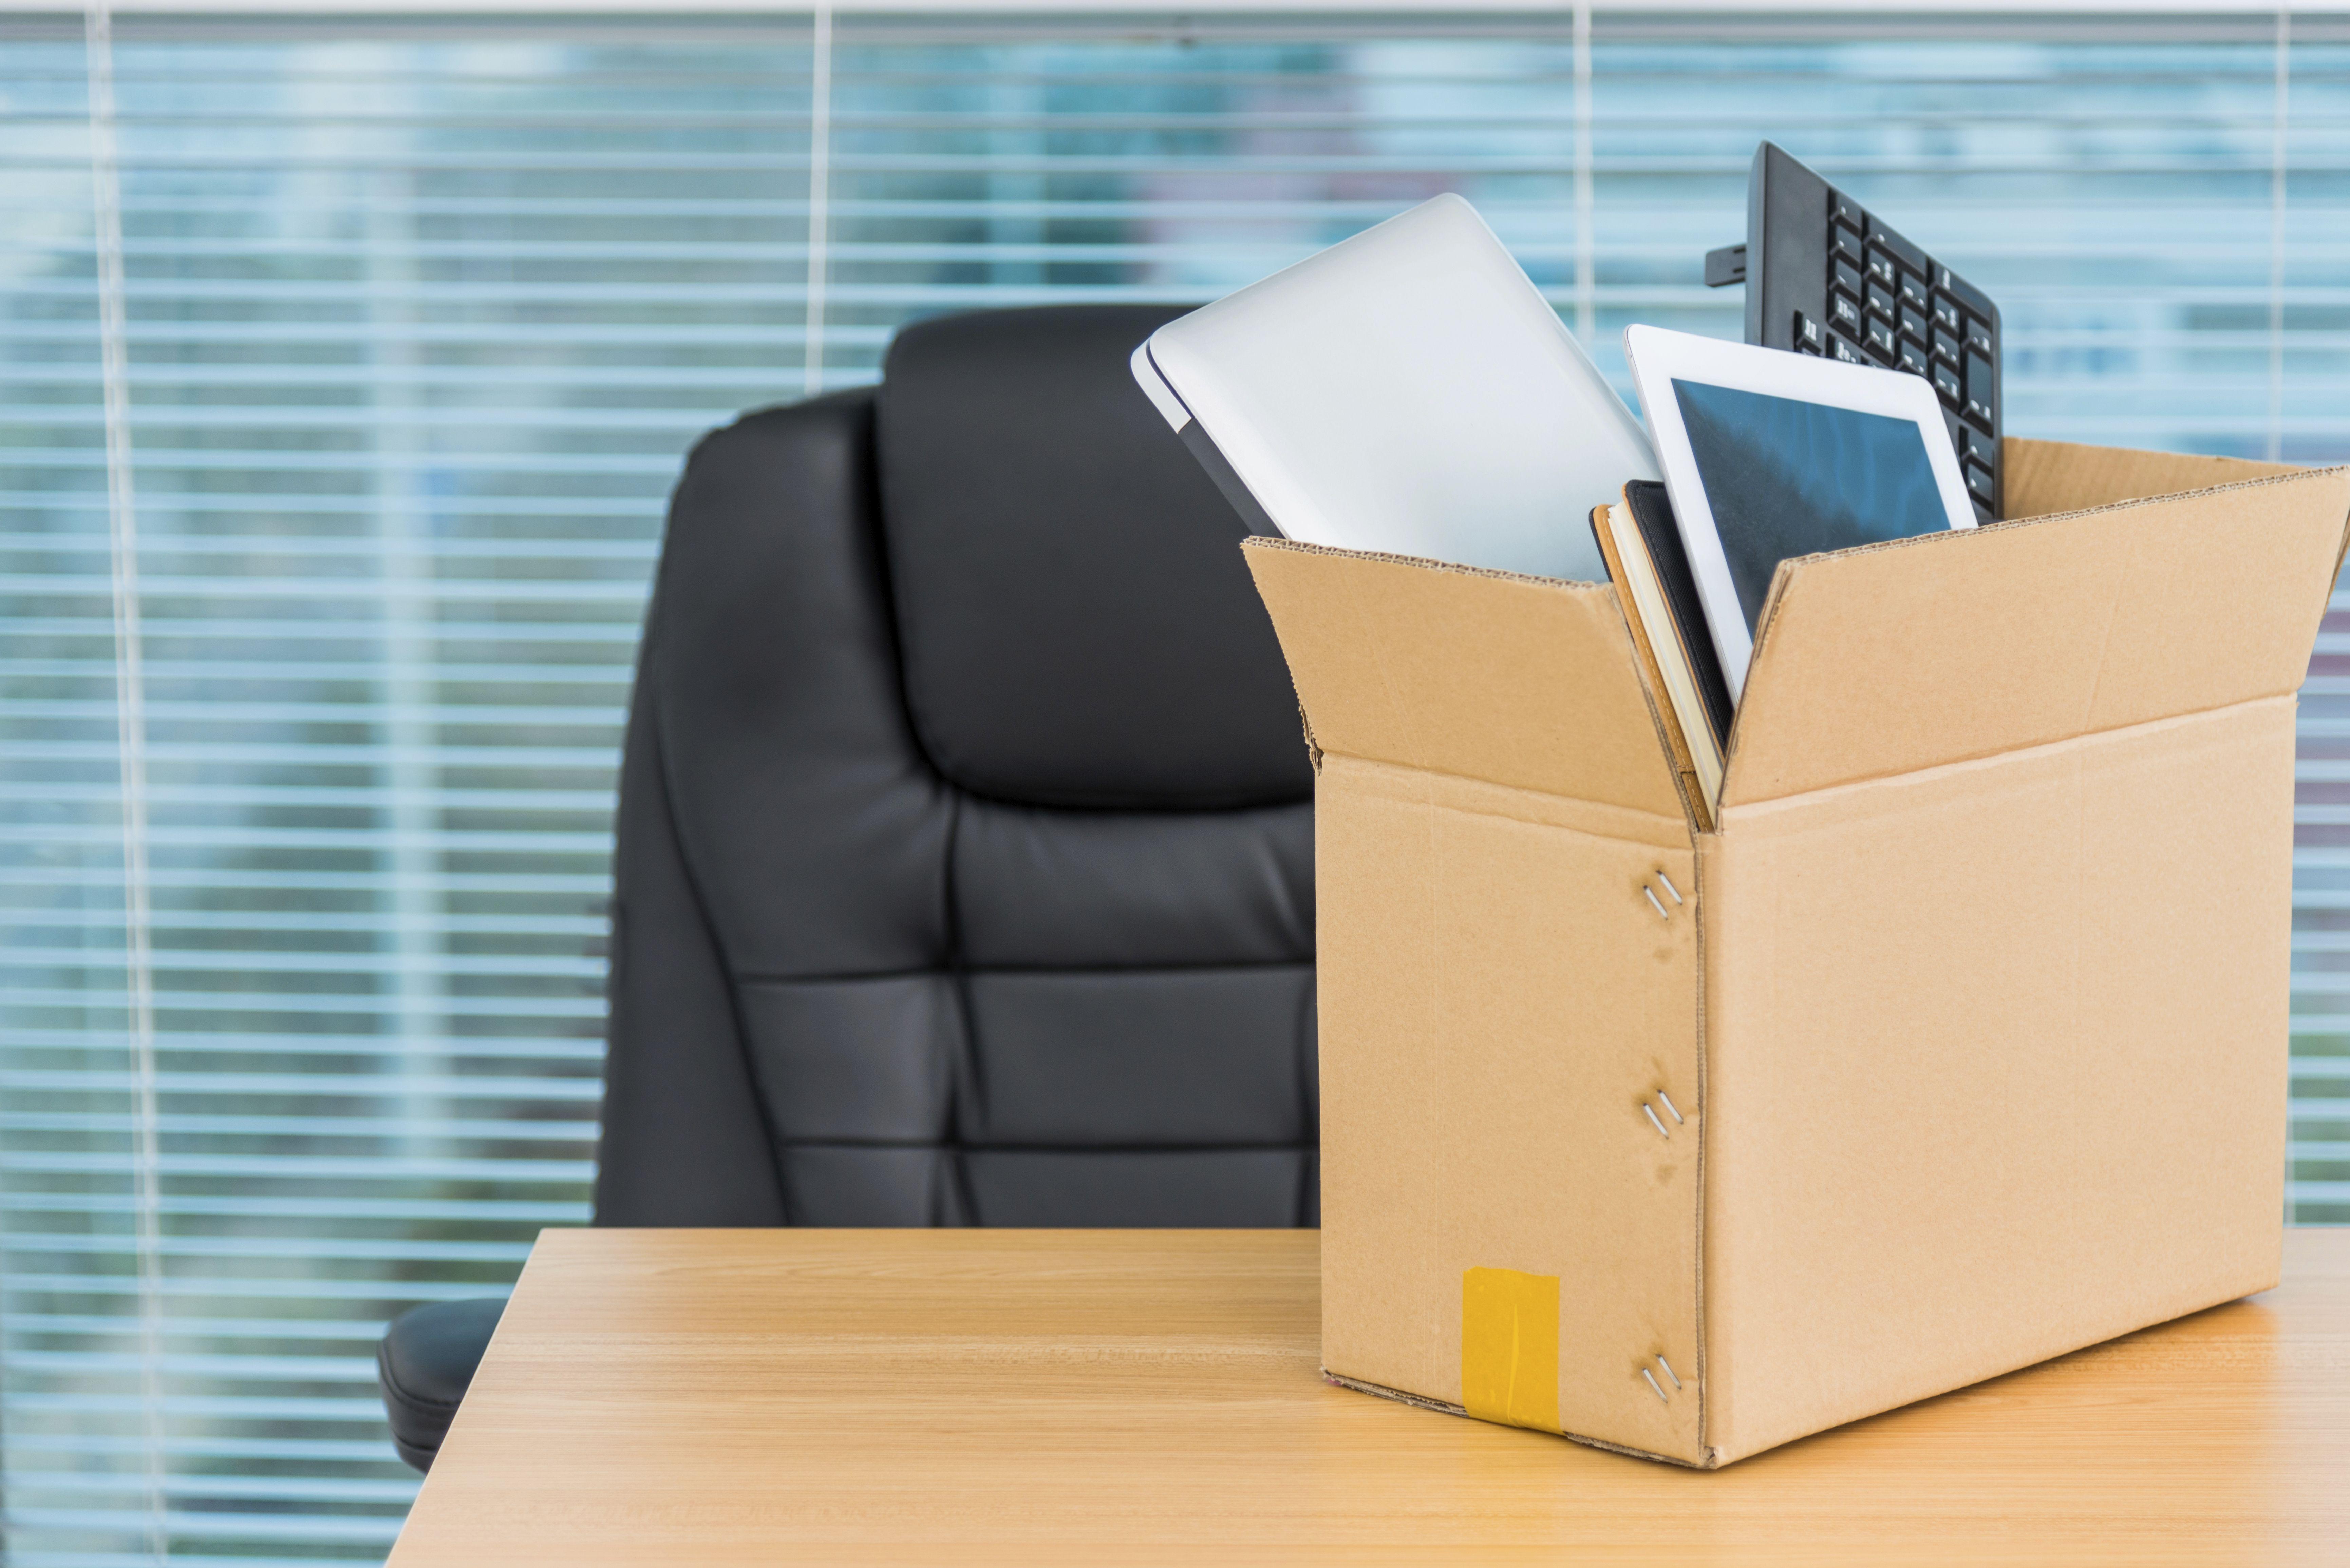 Traslado de oficinas: Servicios de Telecargox